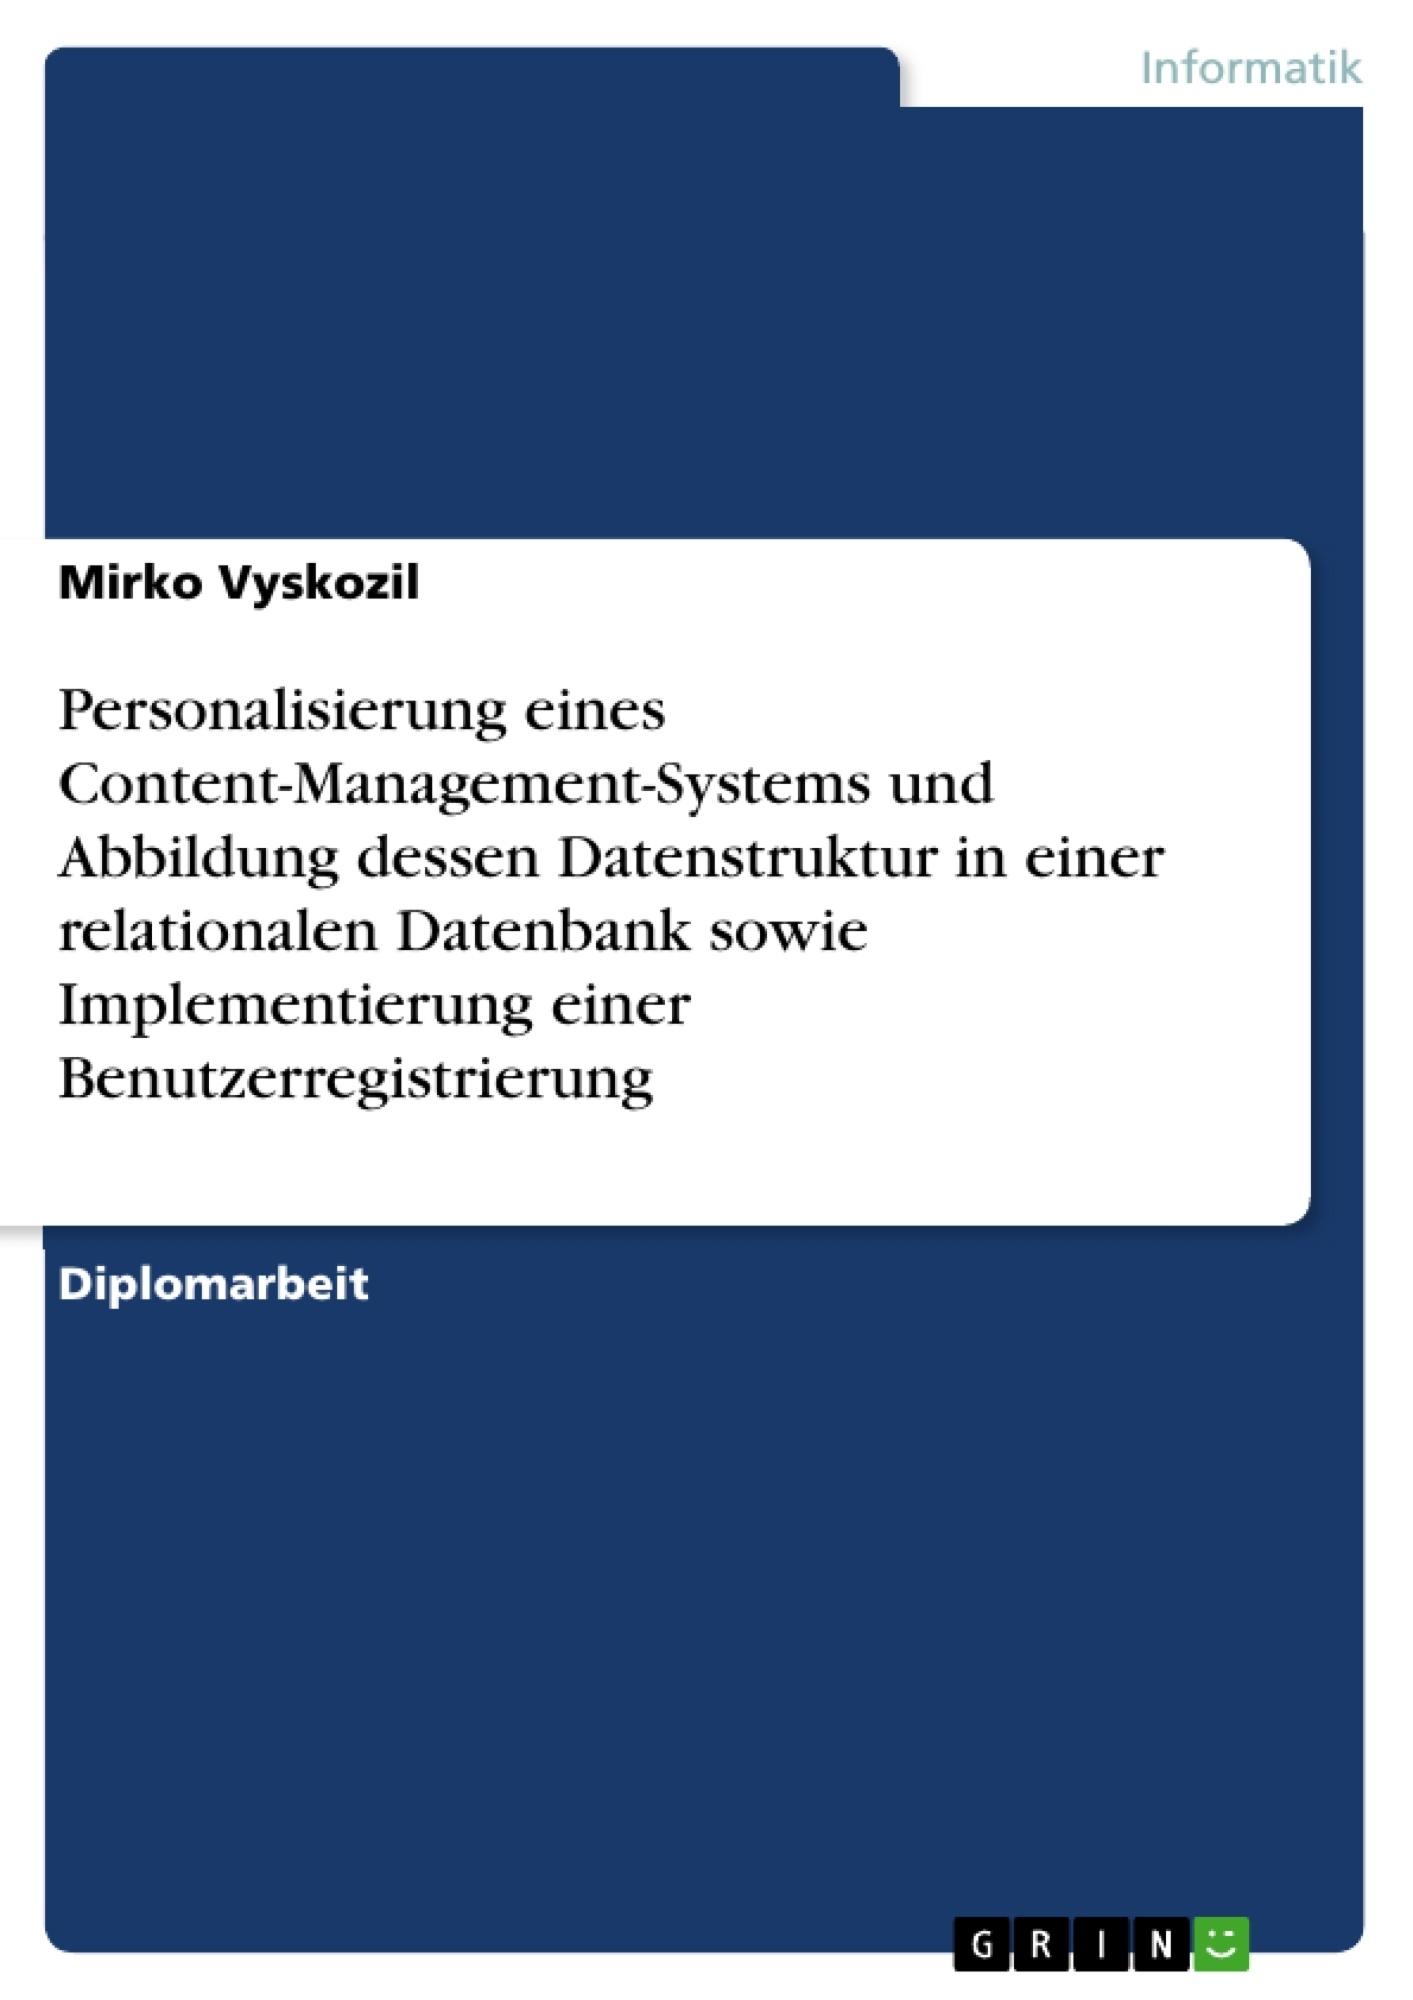 Titel: Personalisierung eines Content-Management-Systems und Abbildung dessen Datenstruktur in einer relationalen Datenbank sowie Implementierung einer Benutzerregistrierung